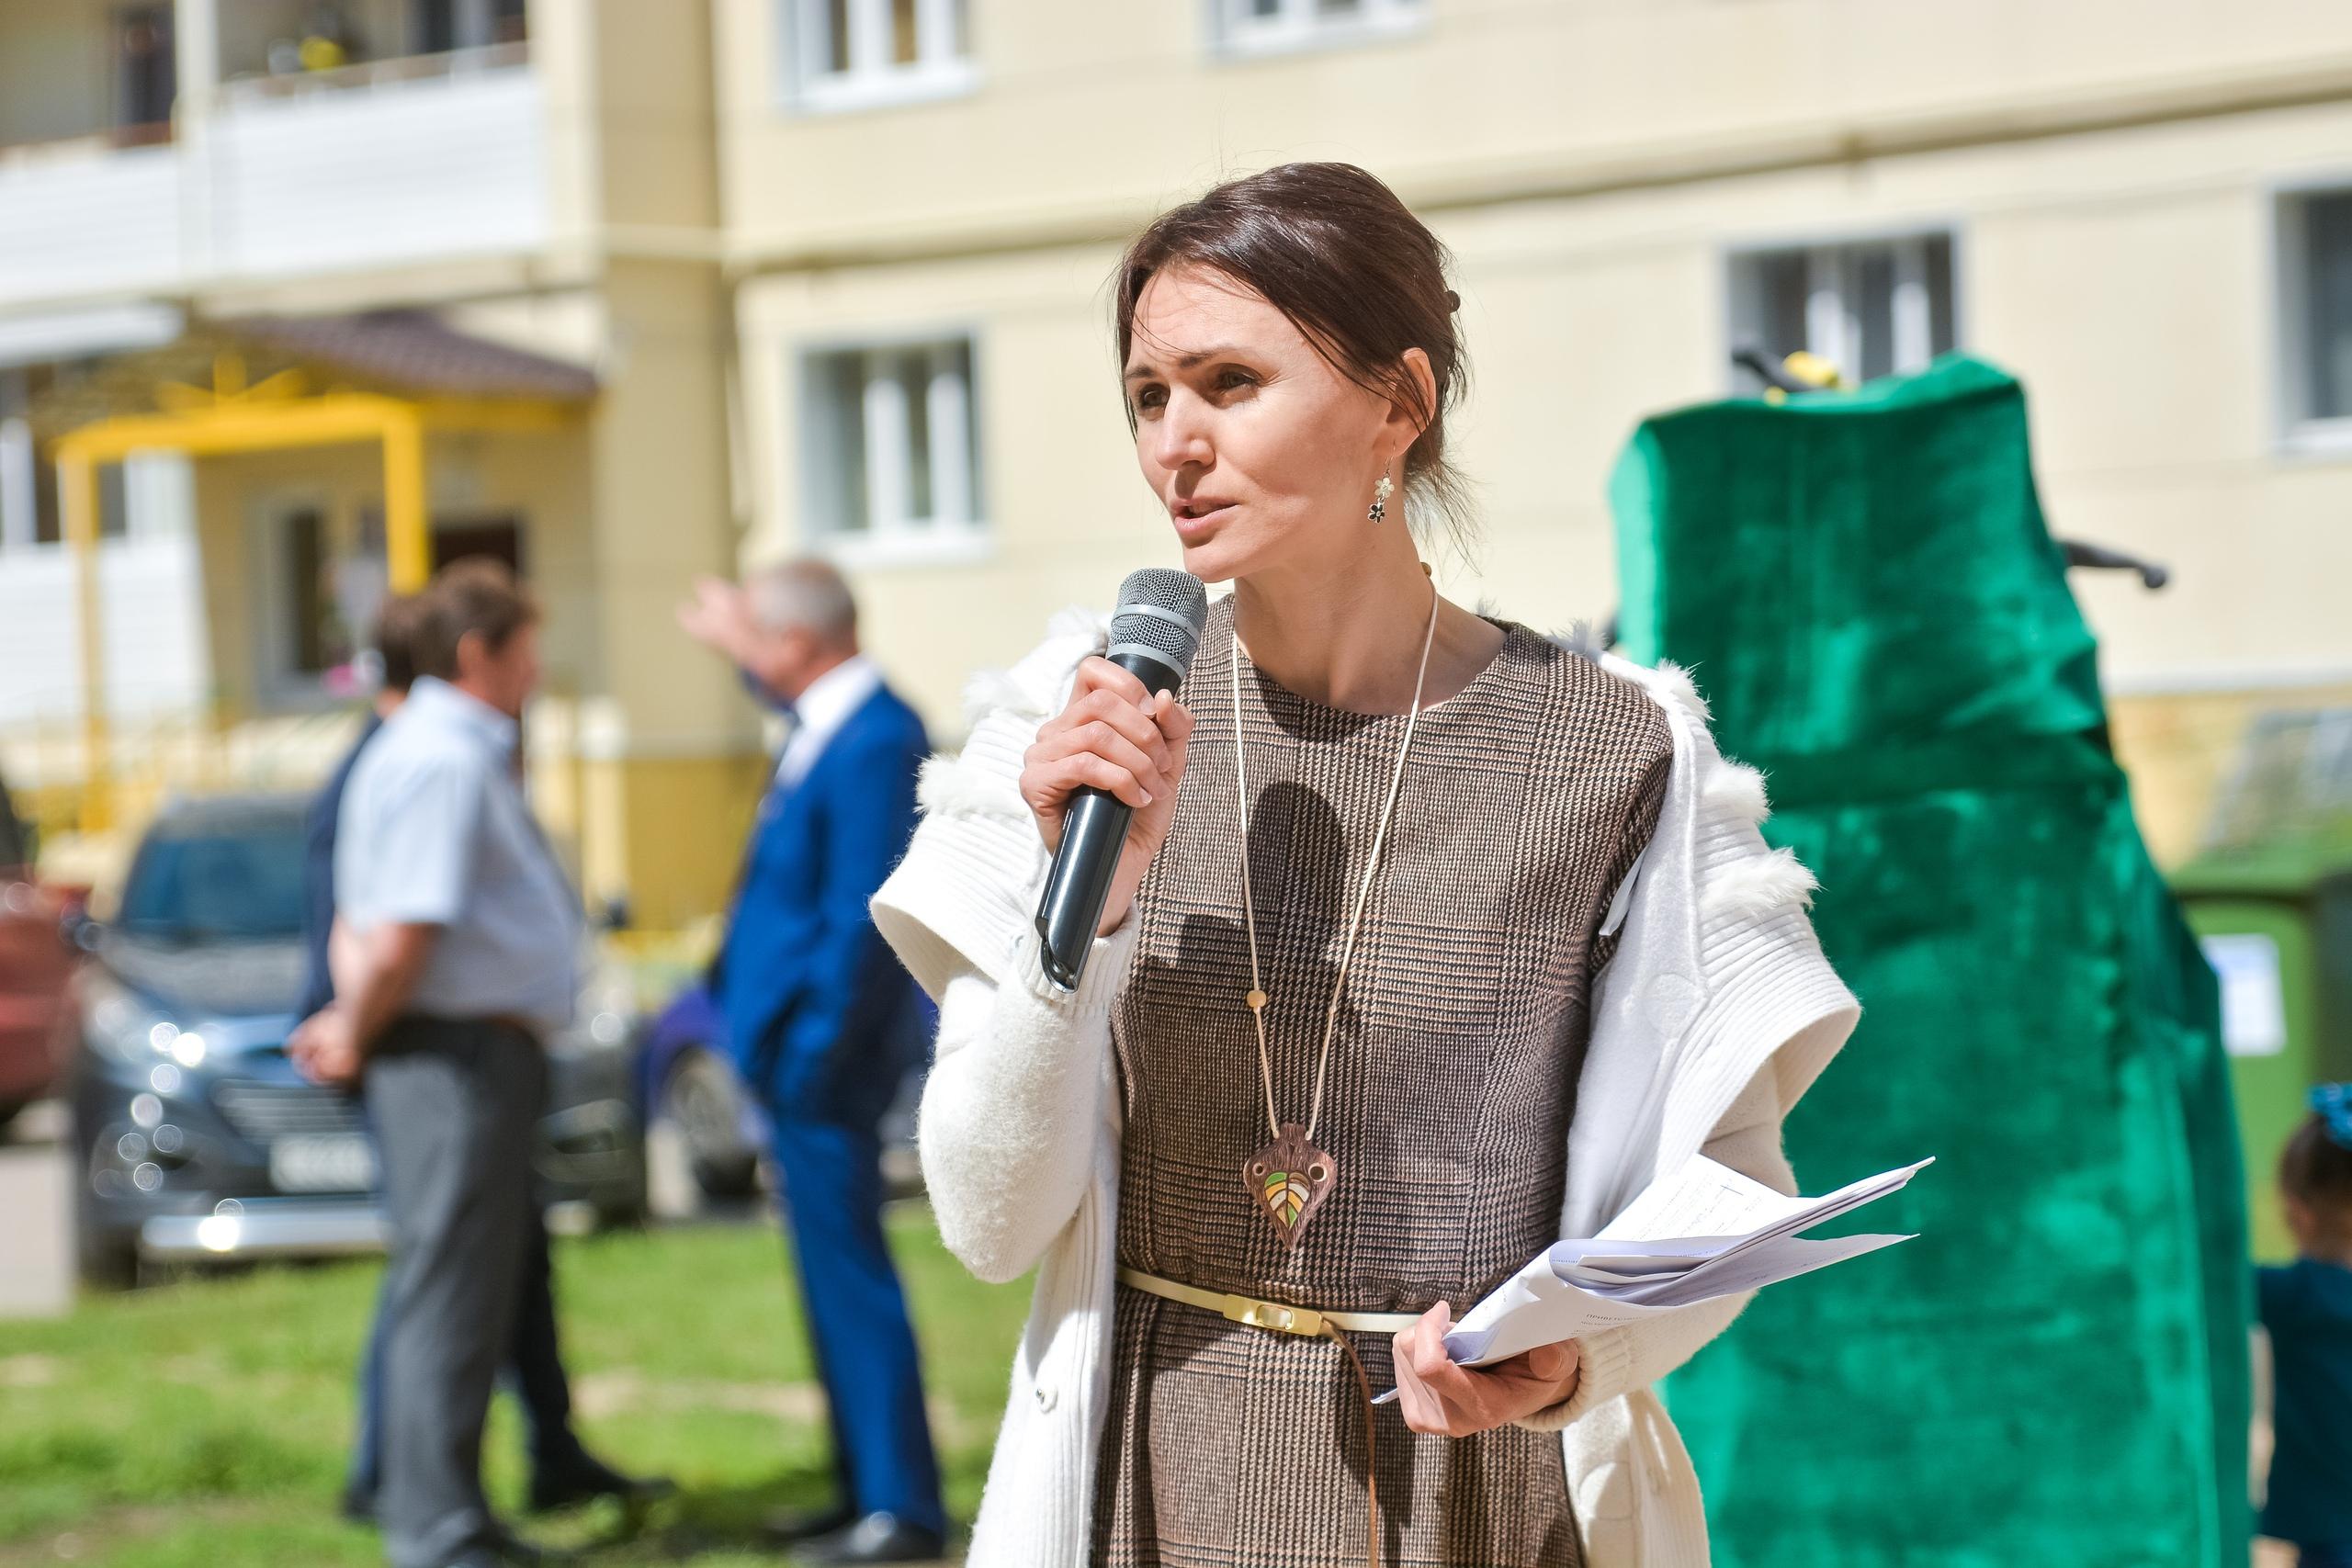 Диана Головченко: Вода – это наше всё